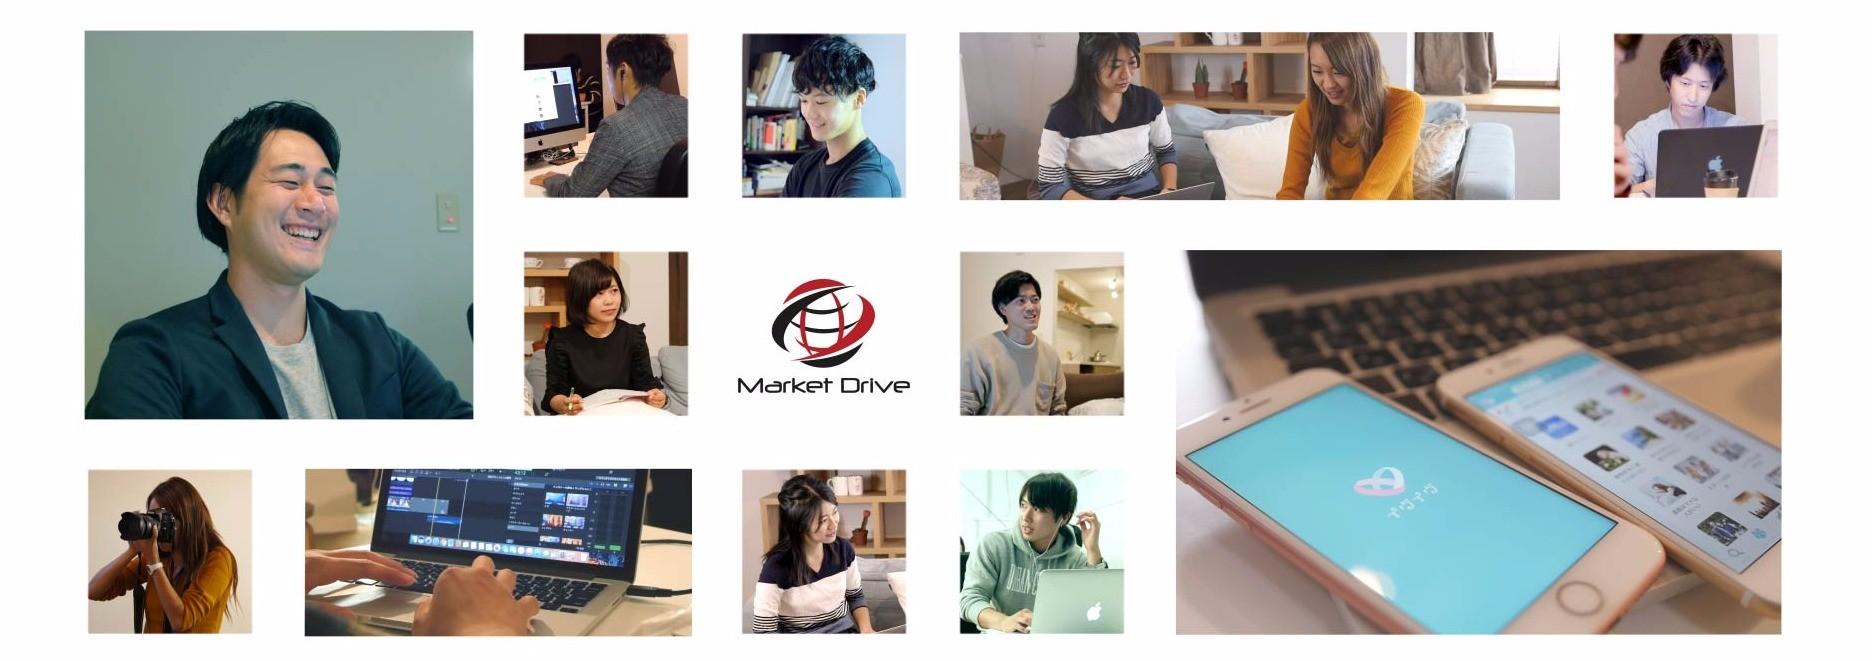 株式会社Market Driveの月間2000万PVを誇る急成長中メディアの広告営業を募集!のカバー画像